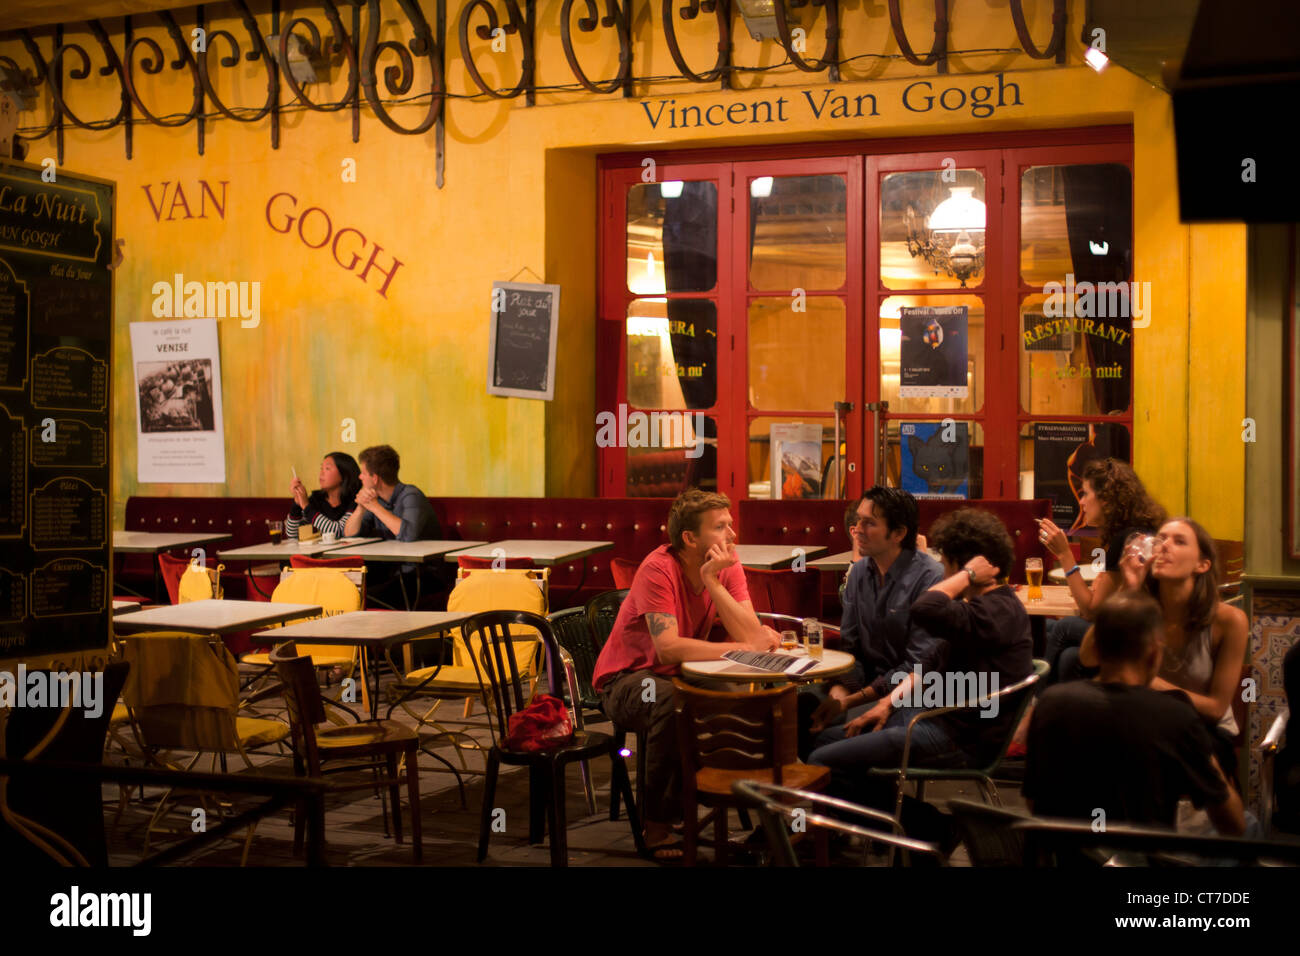 Cafe La Nuit Angenommen Dass Das Cafe Gemalt Von Van Gogh In